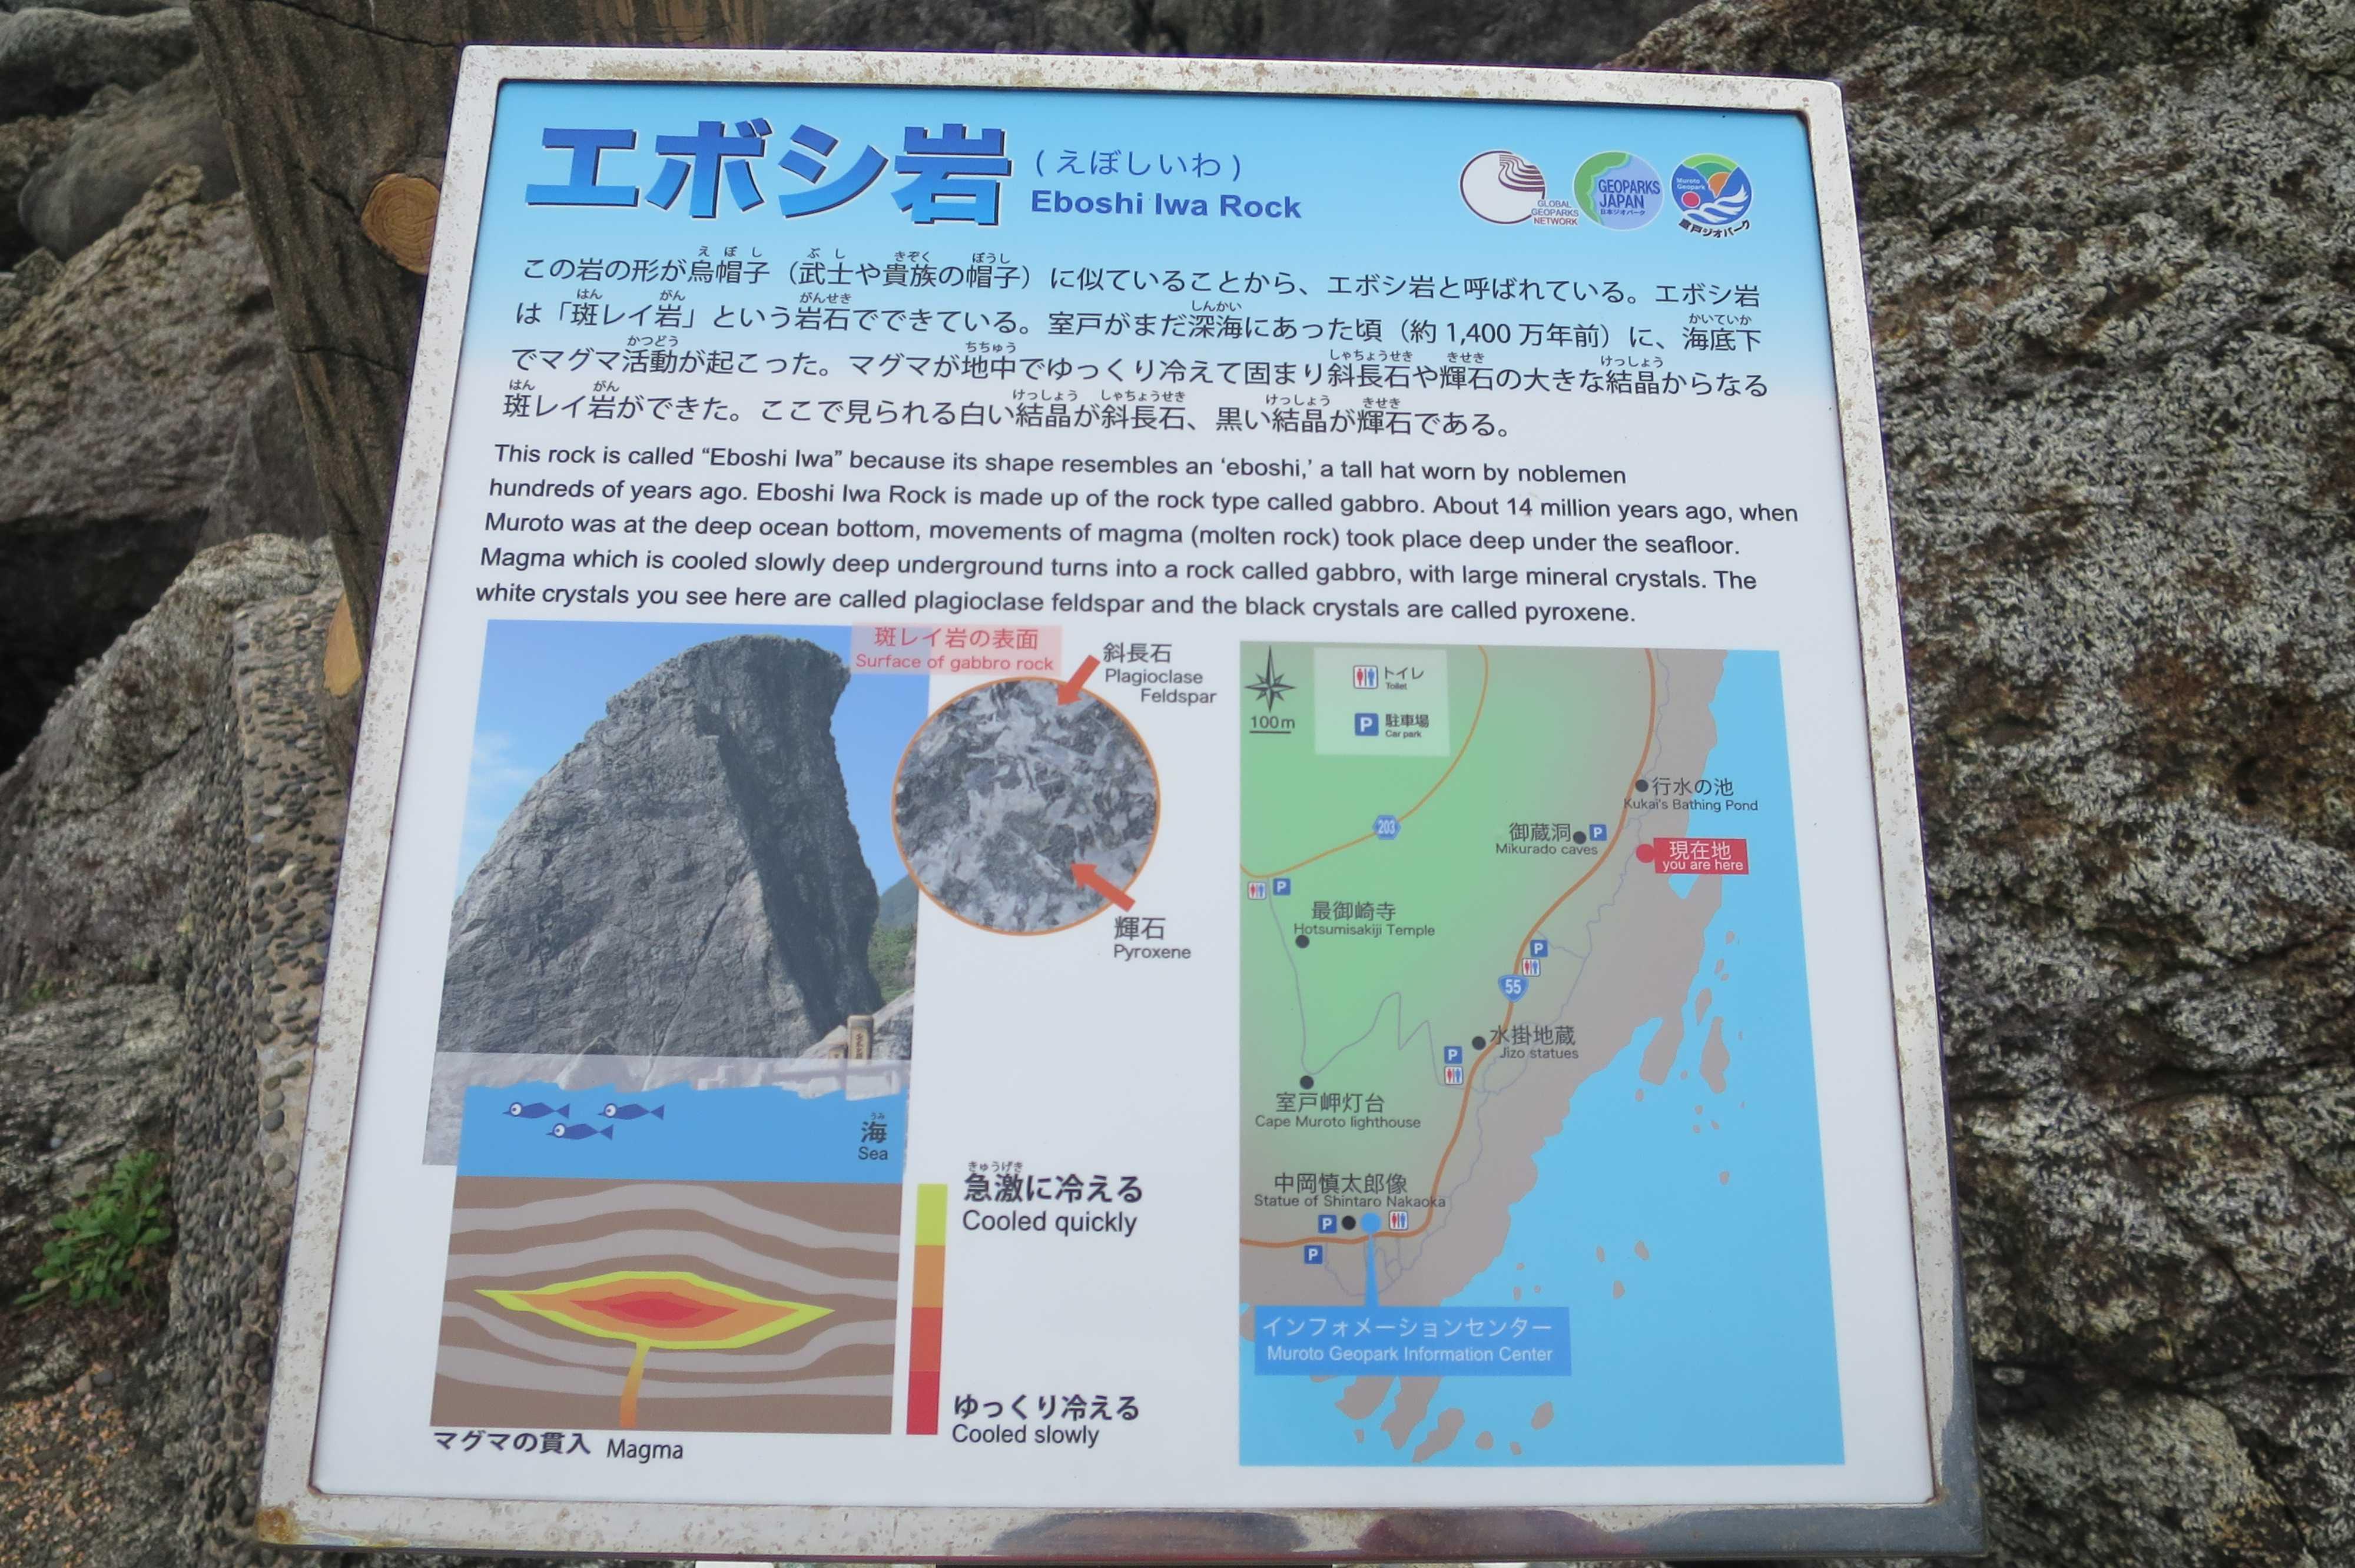 エボシ岩 Eboshi Iwa Rock - 室戸岬 乱礁遊歩道